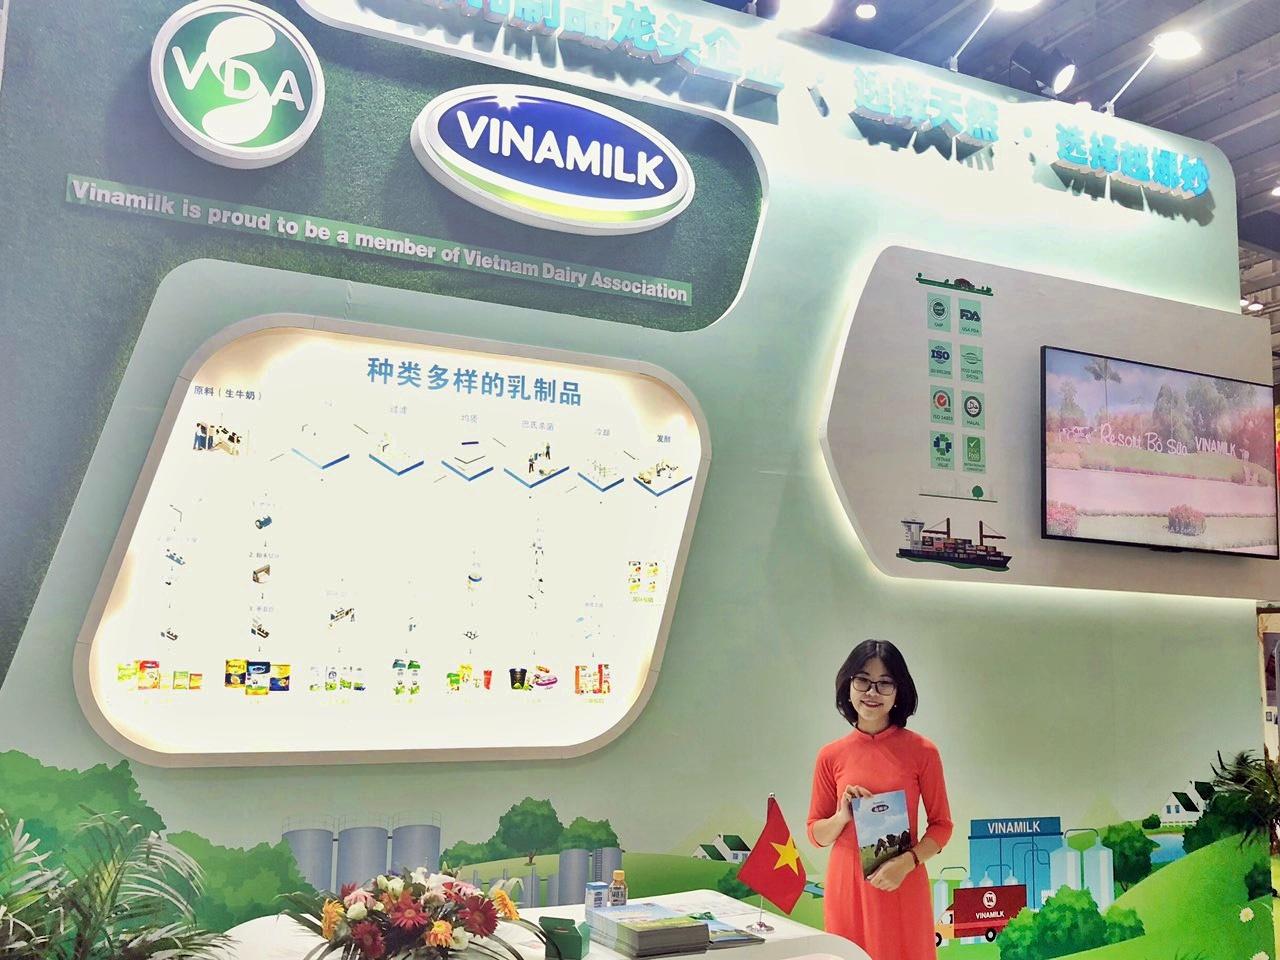 Người tiêu dùng Trung Quốc hào hứng đón nhận sản phẩm Vinamilk sau khi nghị định thư được thông qua - Ảnh 1